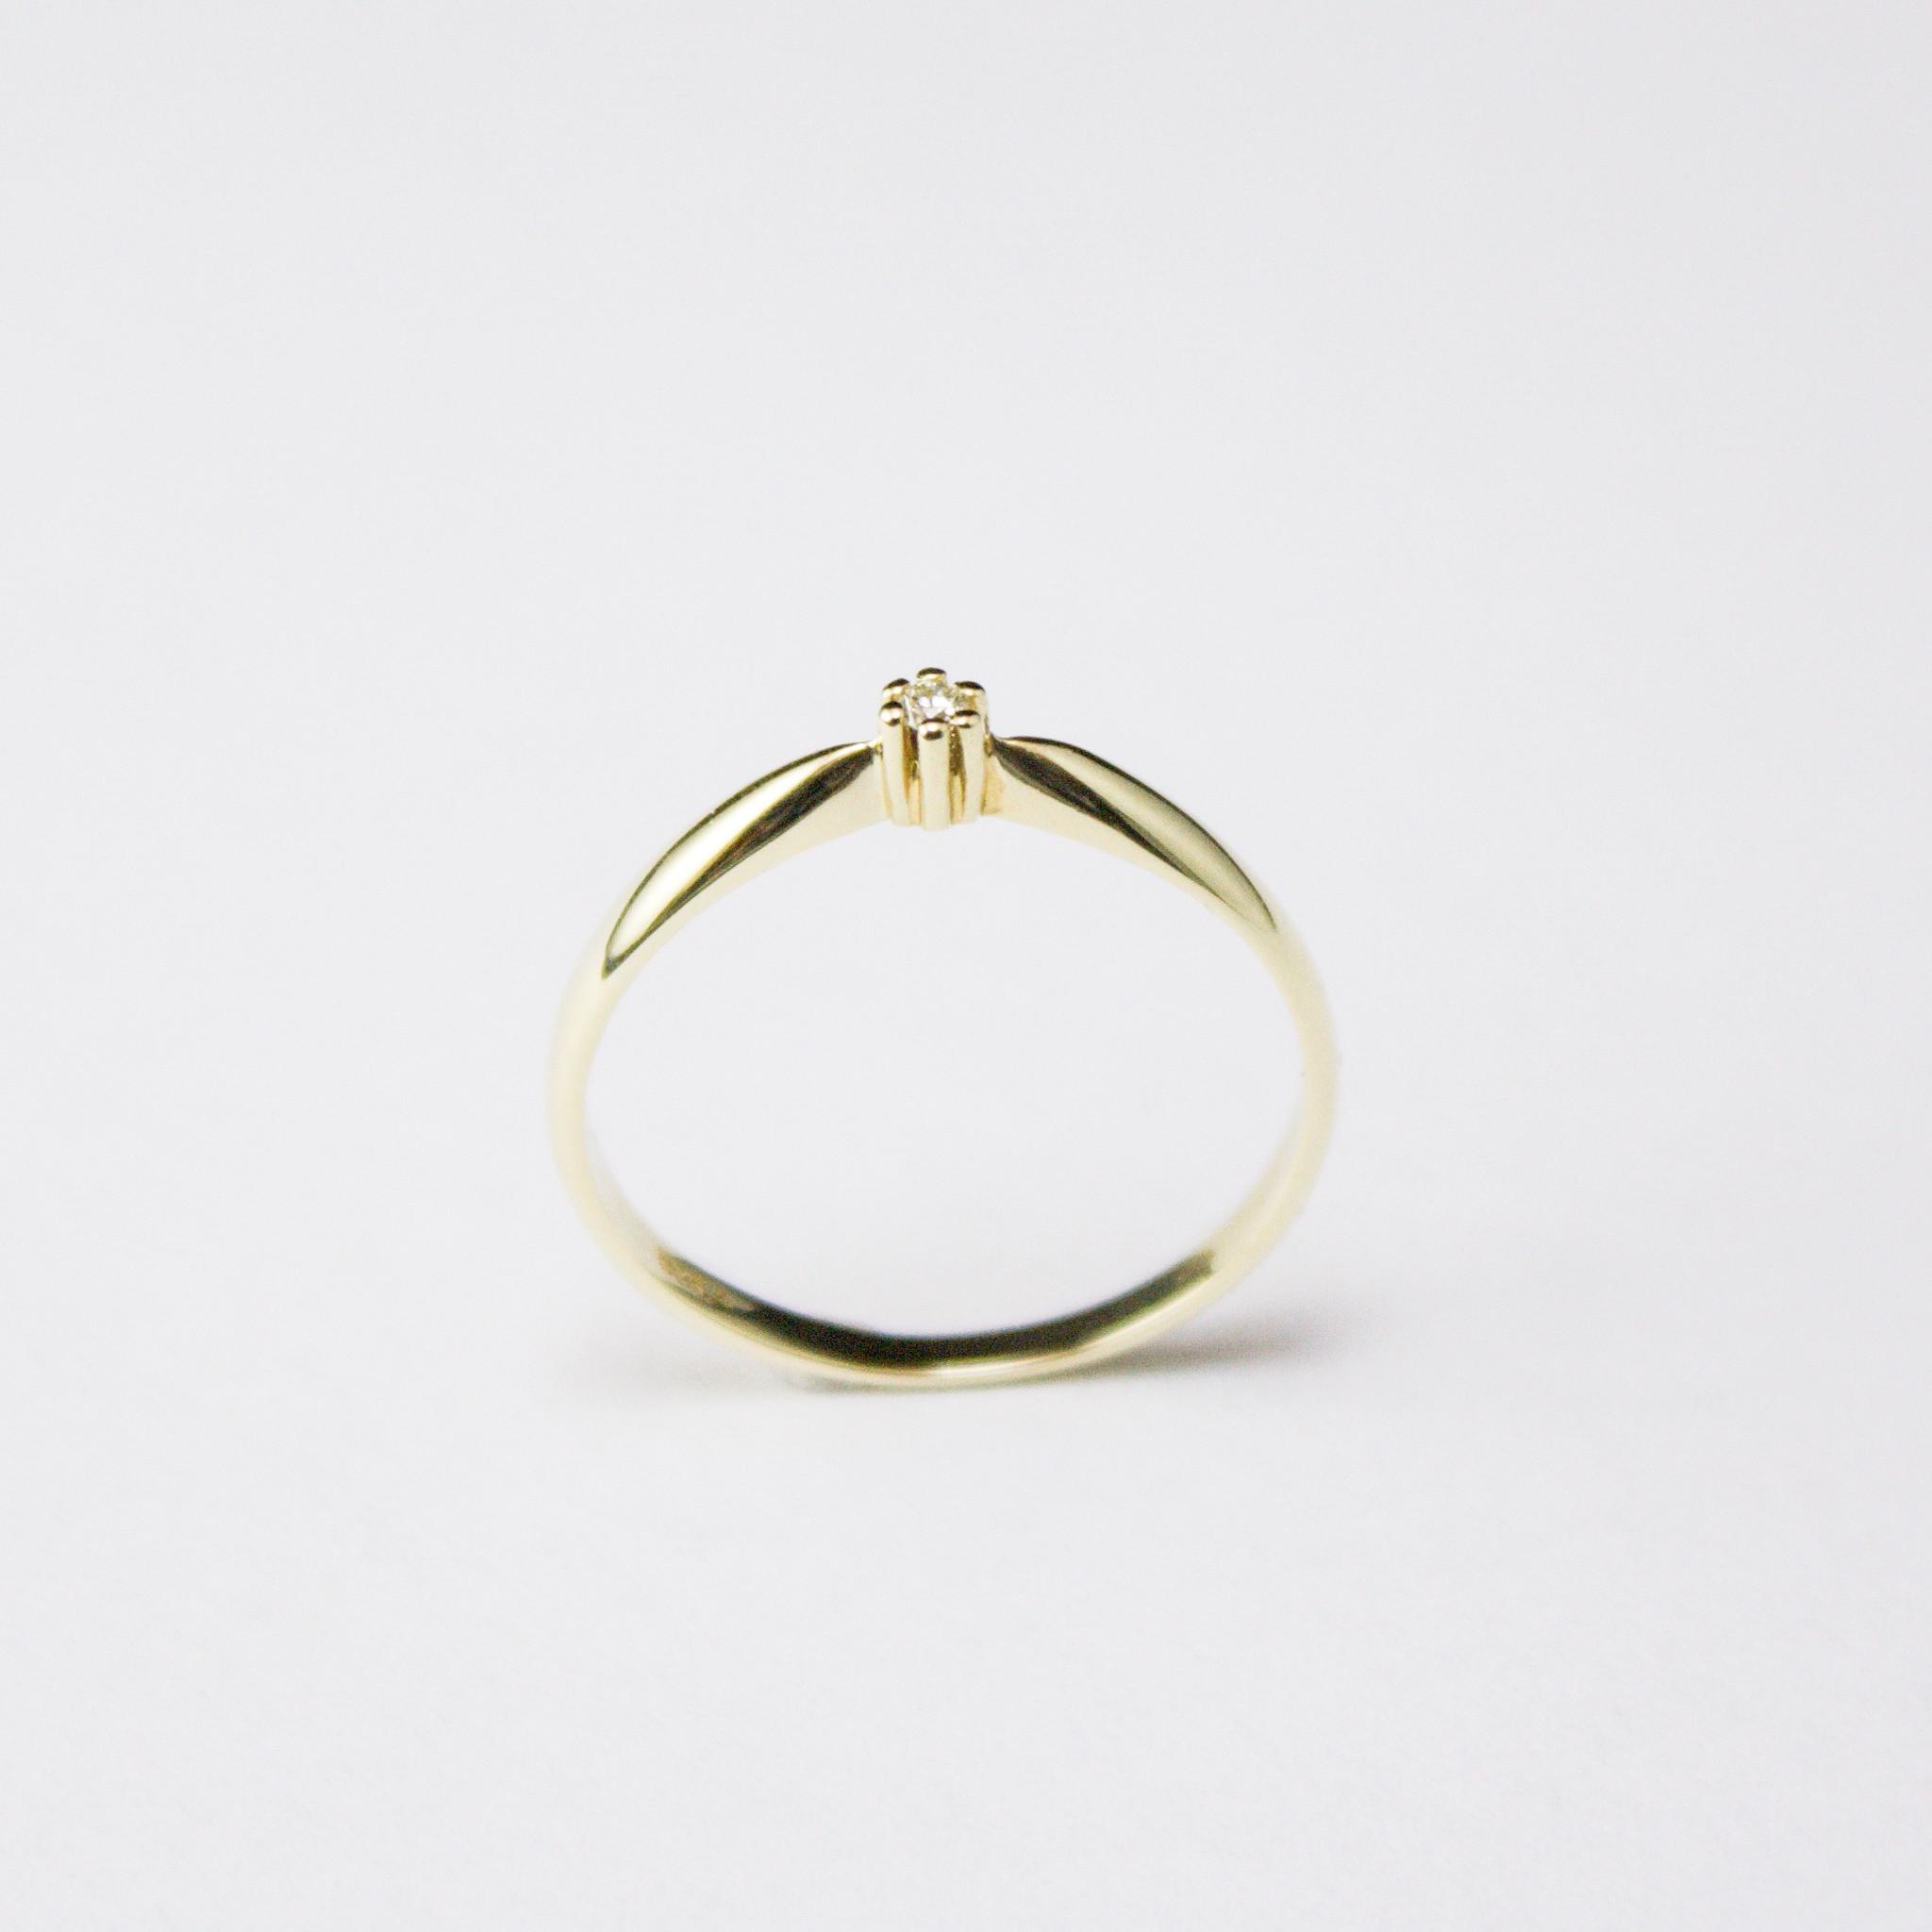 Ring SOLITAIR, goud met diamant-2